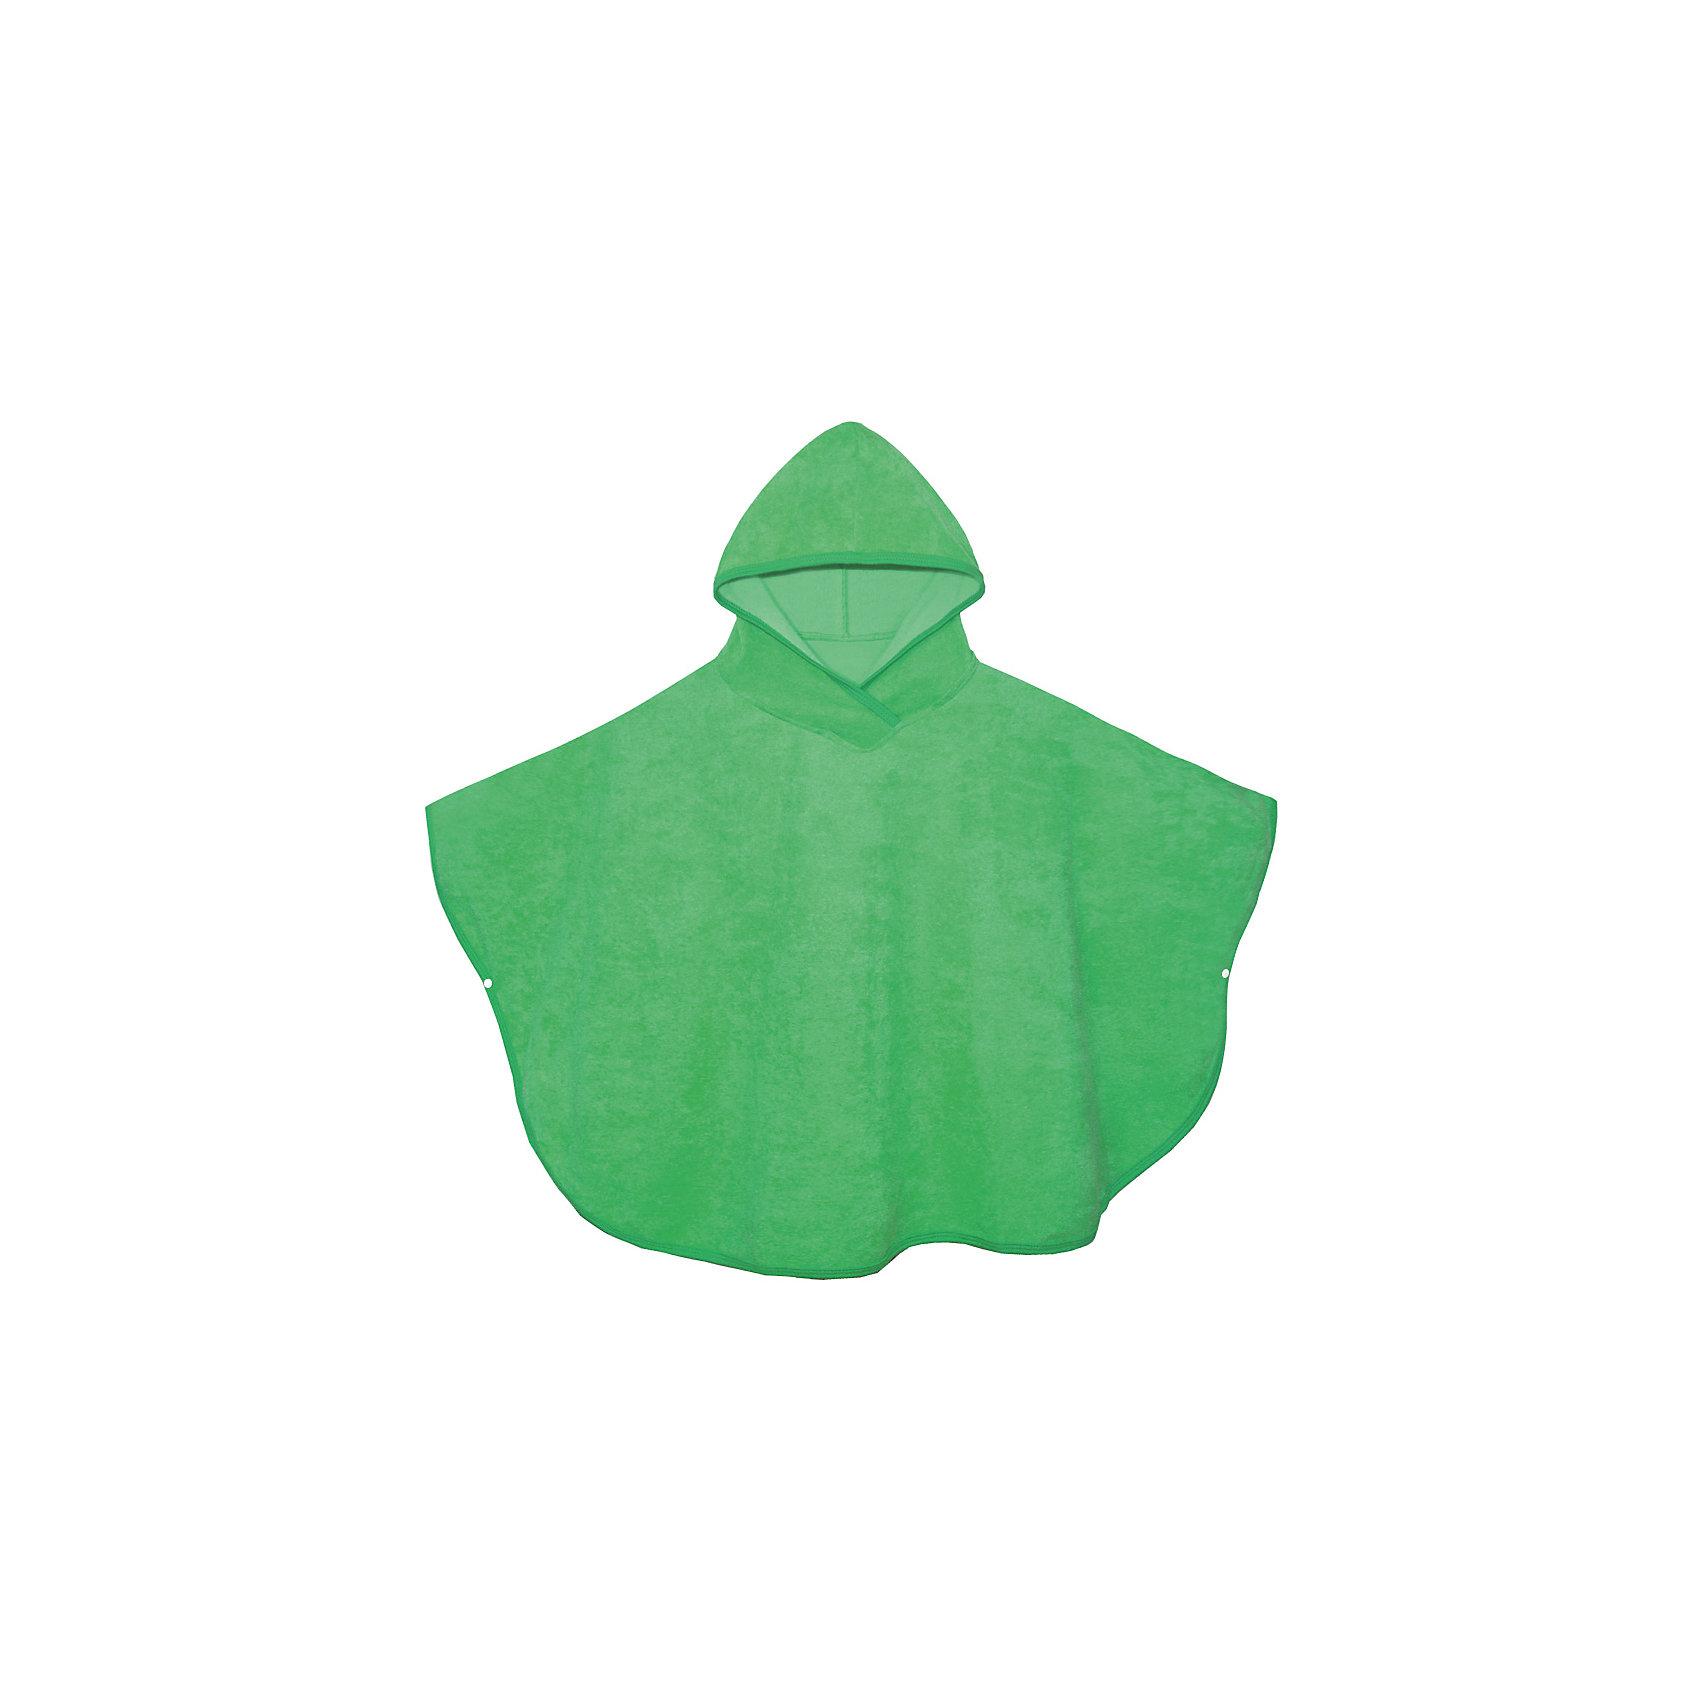 Пляжное полотенце  KotMarKotХалаты<br>Пляжное полотенце  KotMarKot<br>Состав:<br>80% хлопок, 20% ПЭ<br><br>Ширина мм: 183<br>Глубина мм: 60<br>Высота мм: 135<br>Вес г: 119<br>Цвет: зеленый<br>Возраст от месяцев: 36<br>Возраст до месяцев: 48<br>Пол: Унисекс<br>Возраст: Детский<br>Размер: 104,128<br>SKU: 6755065